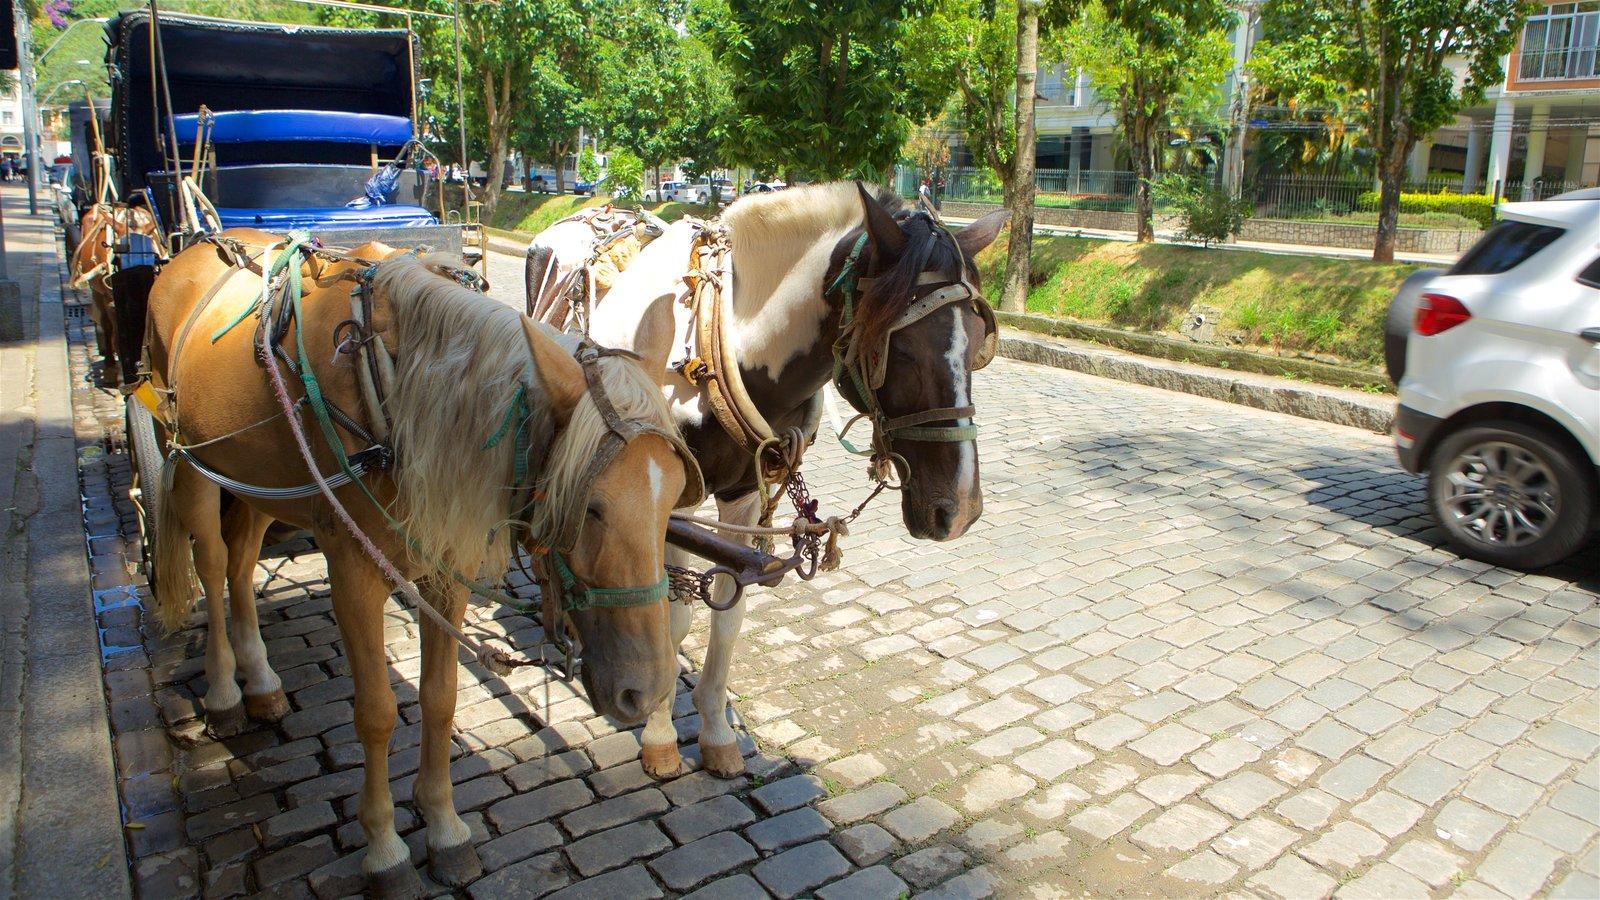 Petrópolis que inclui cenas de rua, animais terrestres e animais fofos ou amigáveis